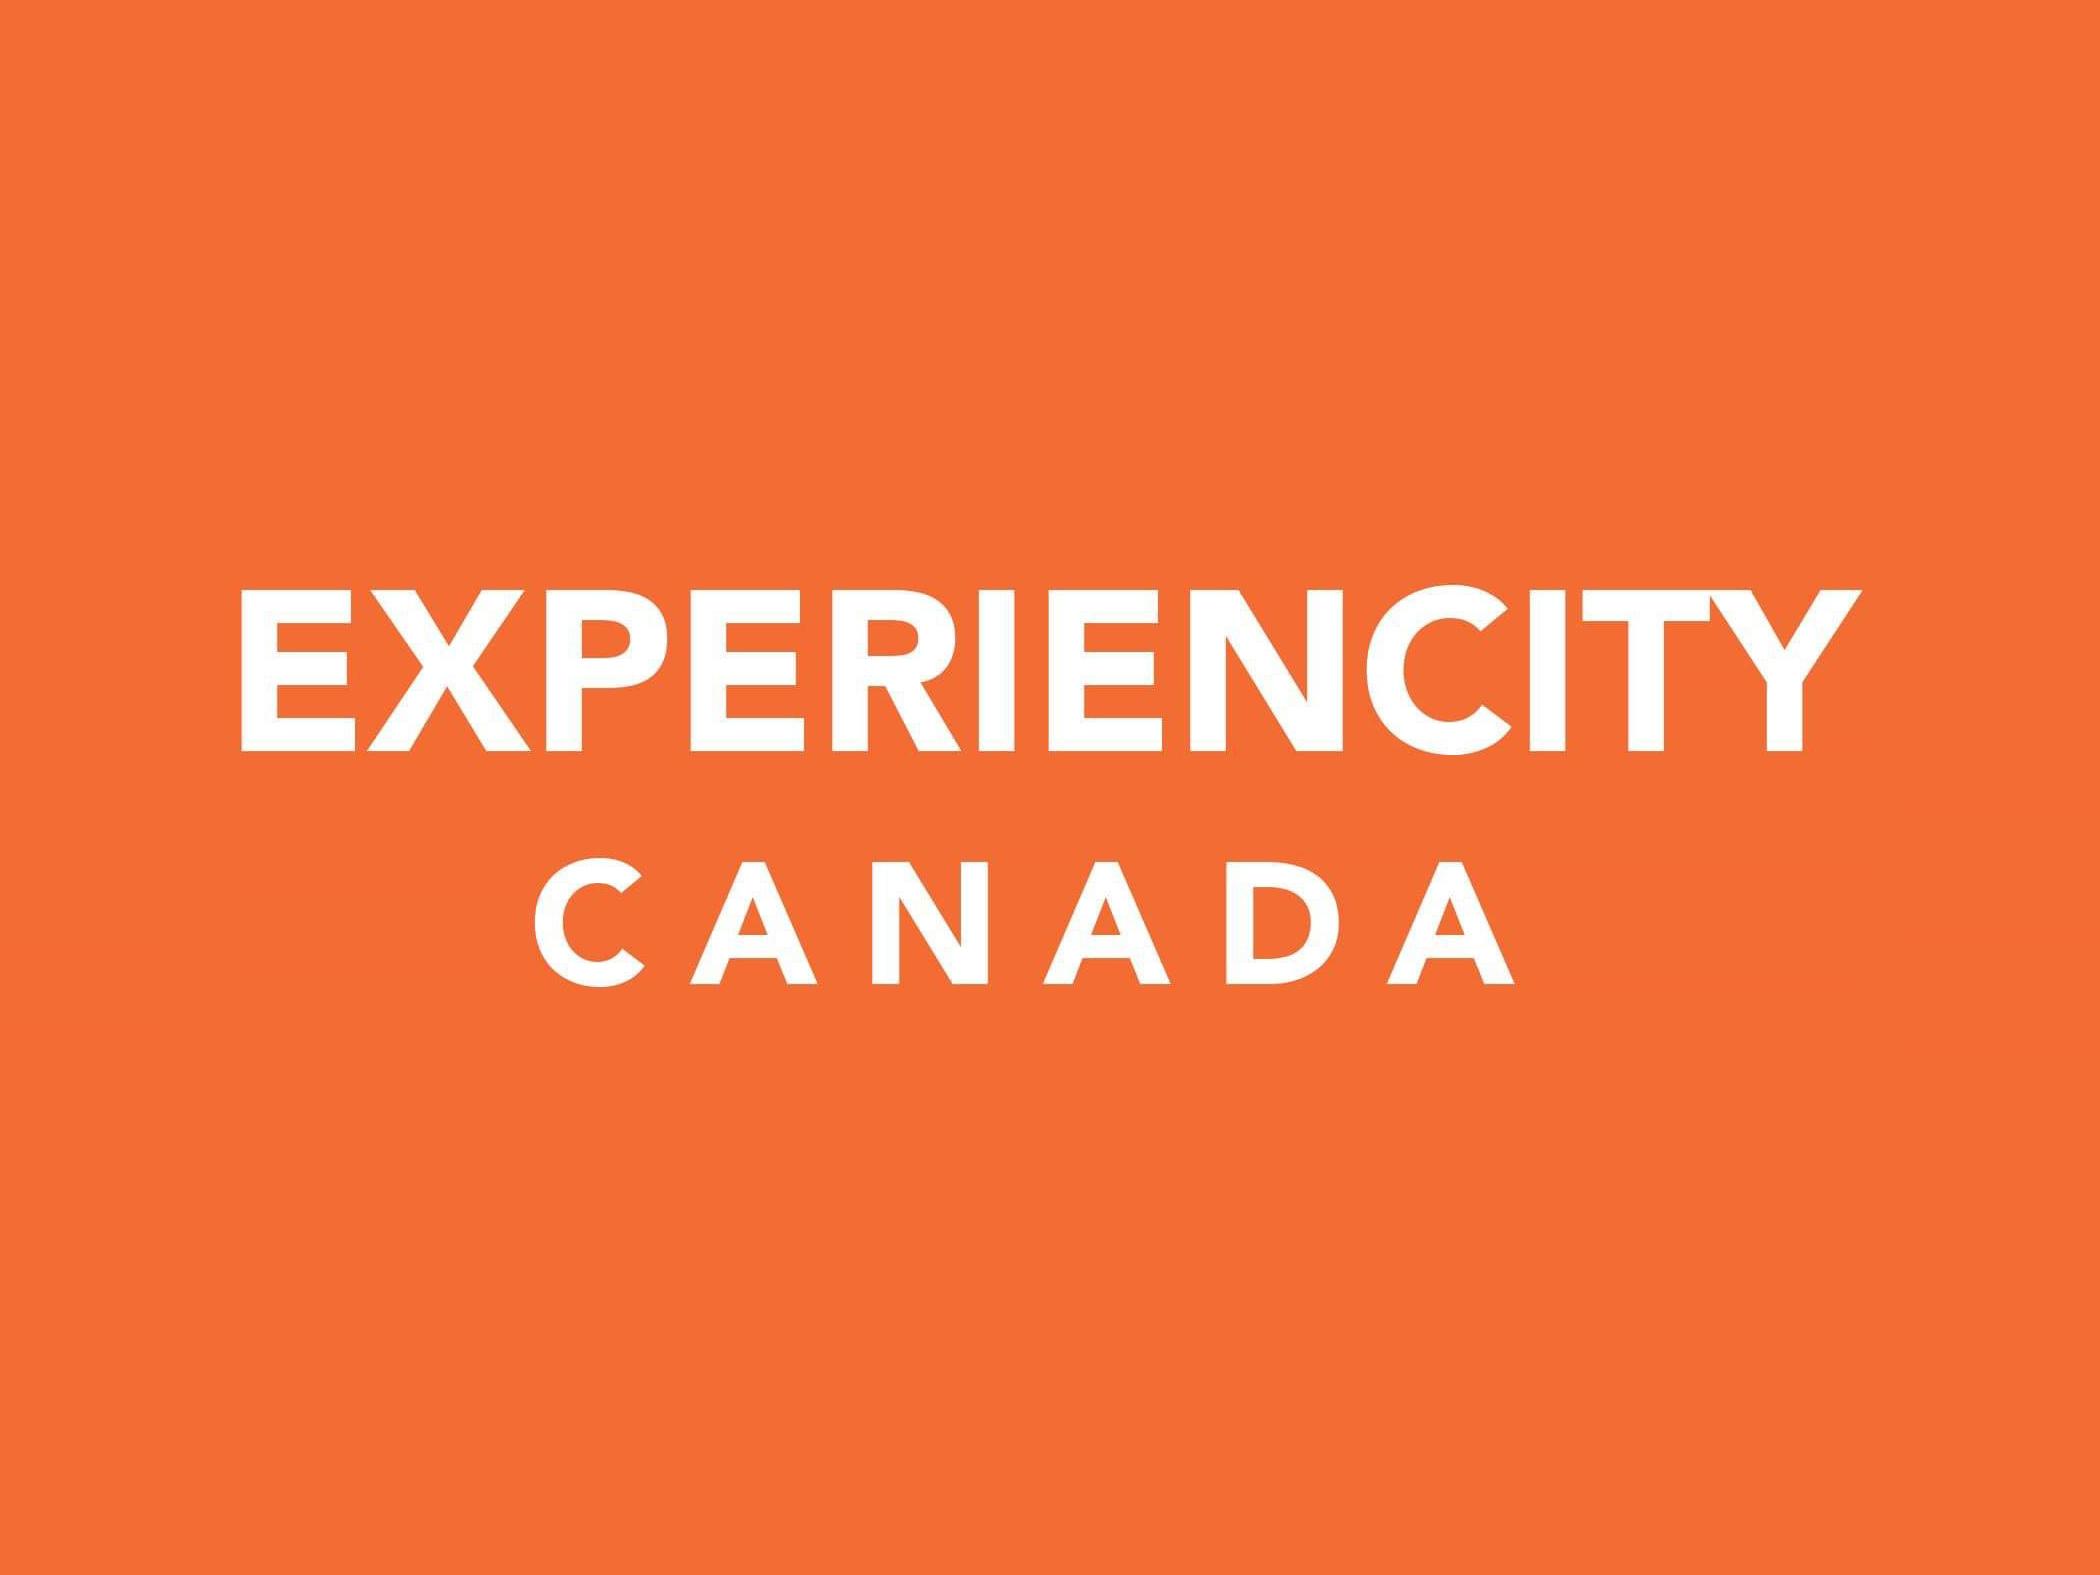 Experiencity Canada